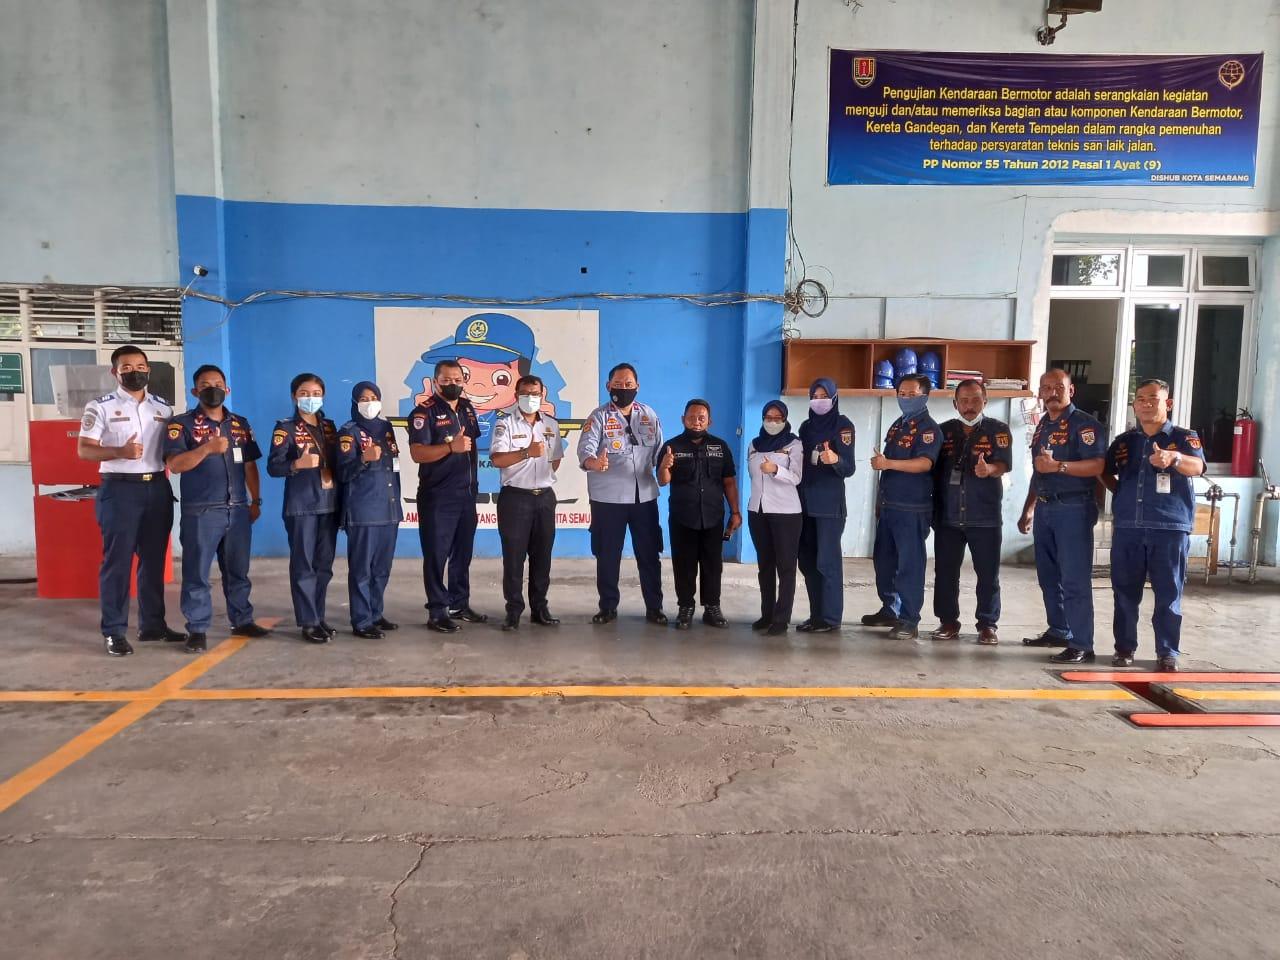 Kunjungan dari Dinas Perhubungan Kota Magelang di Dinas Perhubungan Kota Semarang